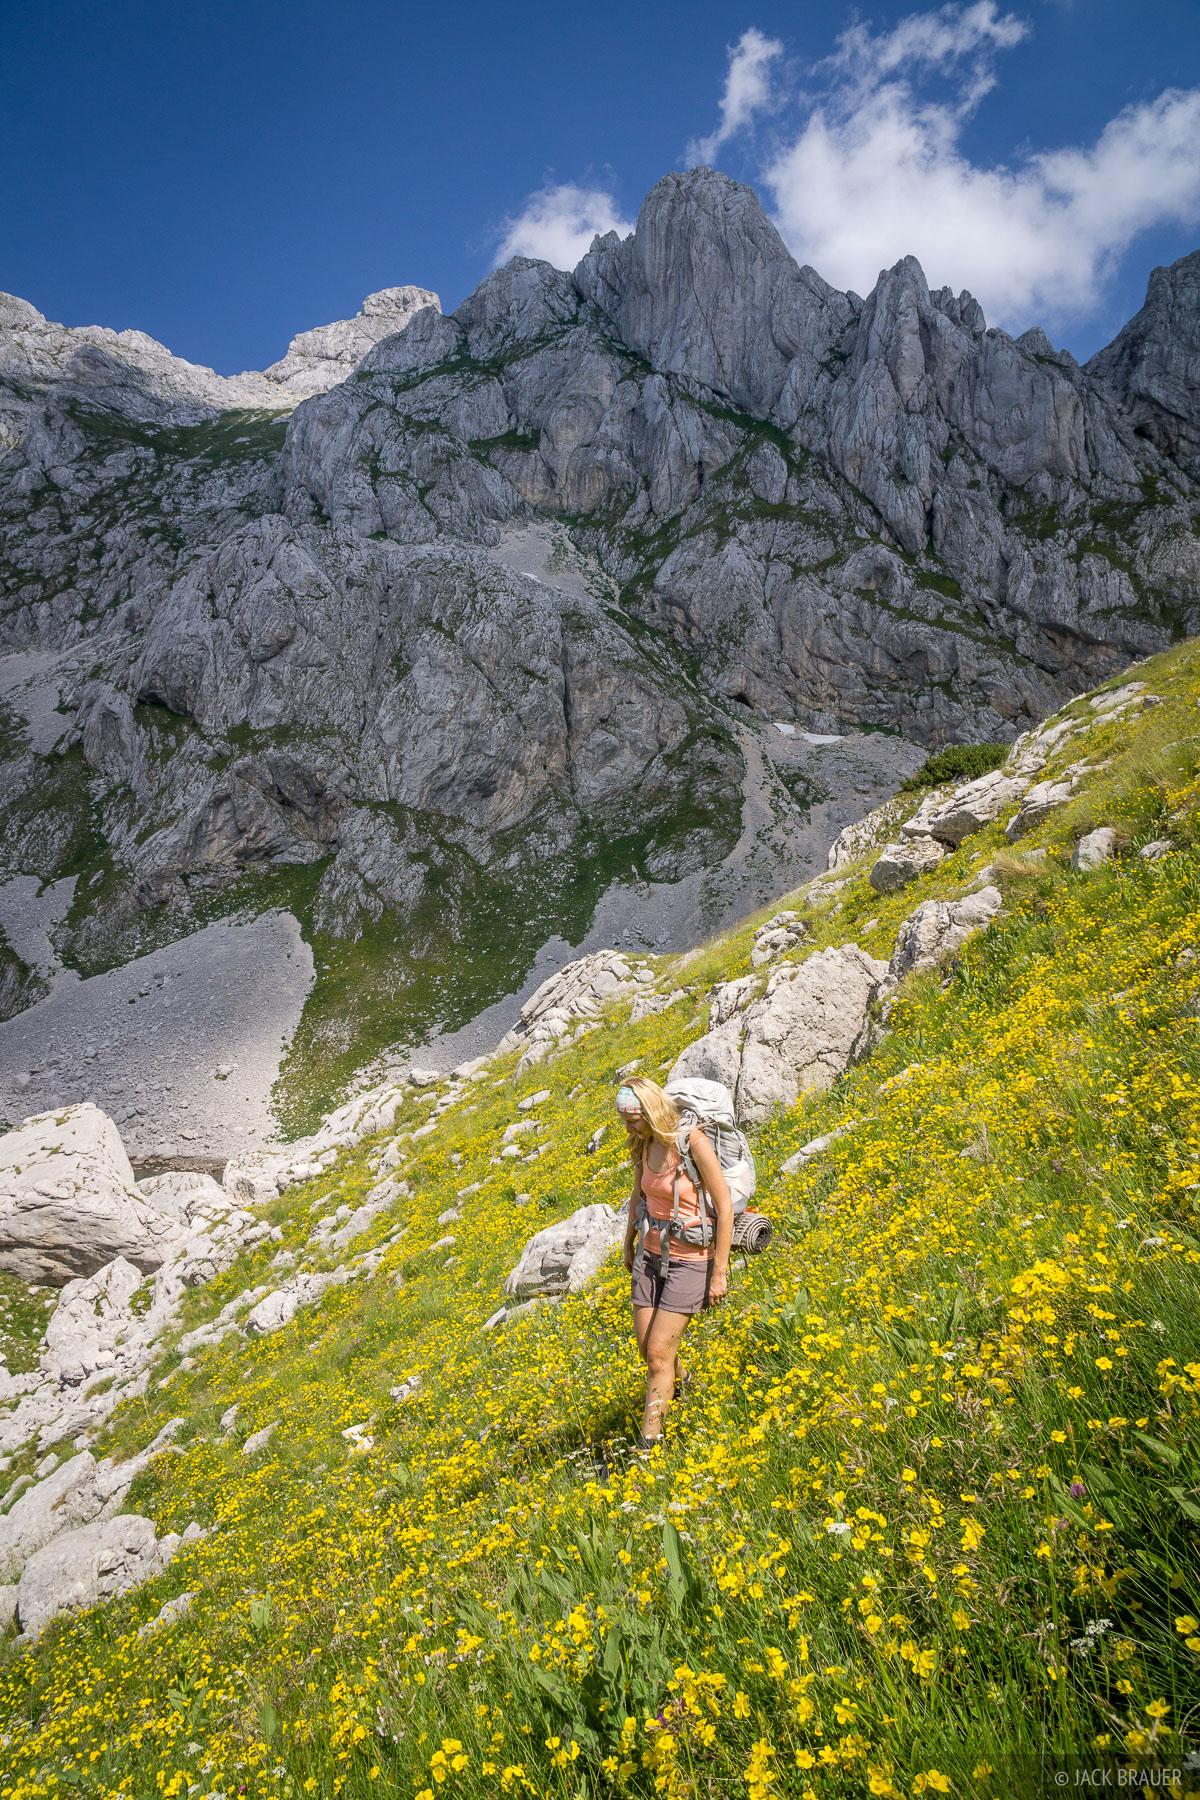 Hiking through wildflowers below Bobotov Kuk.